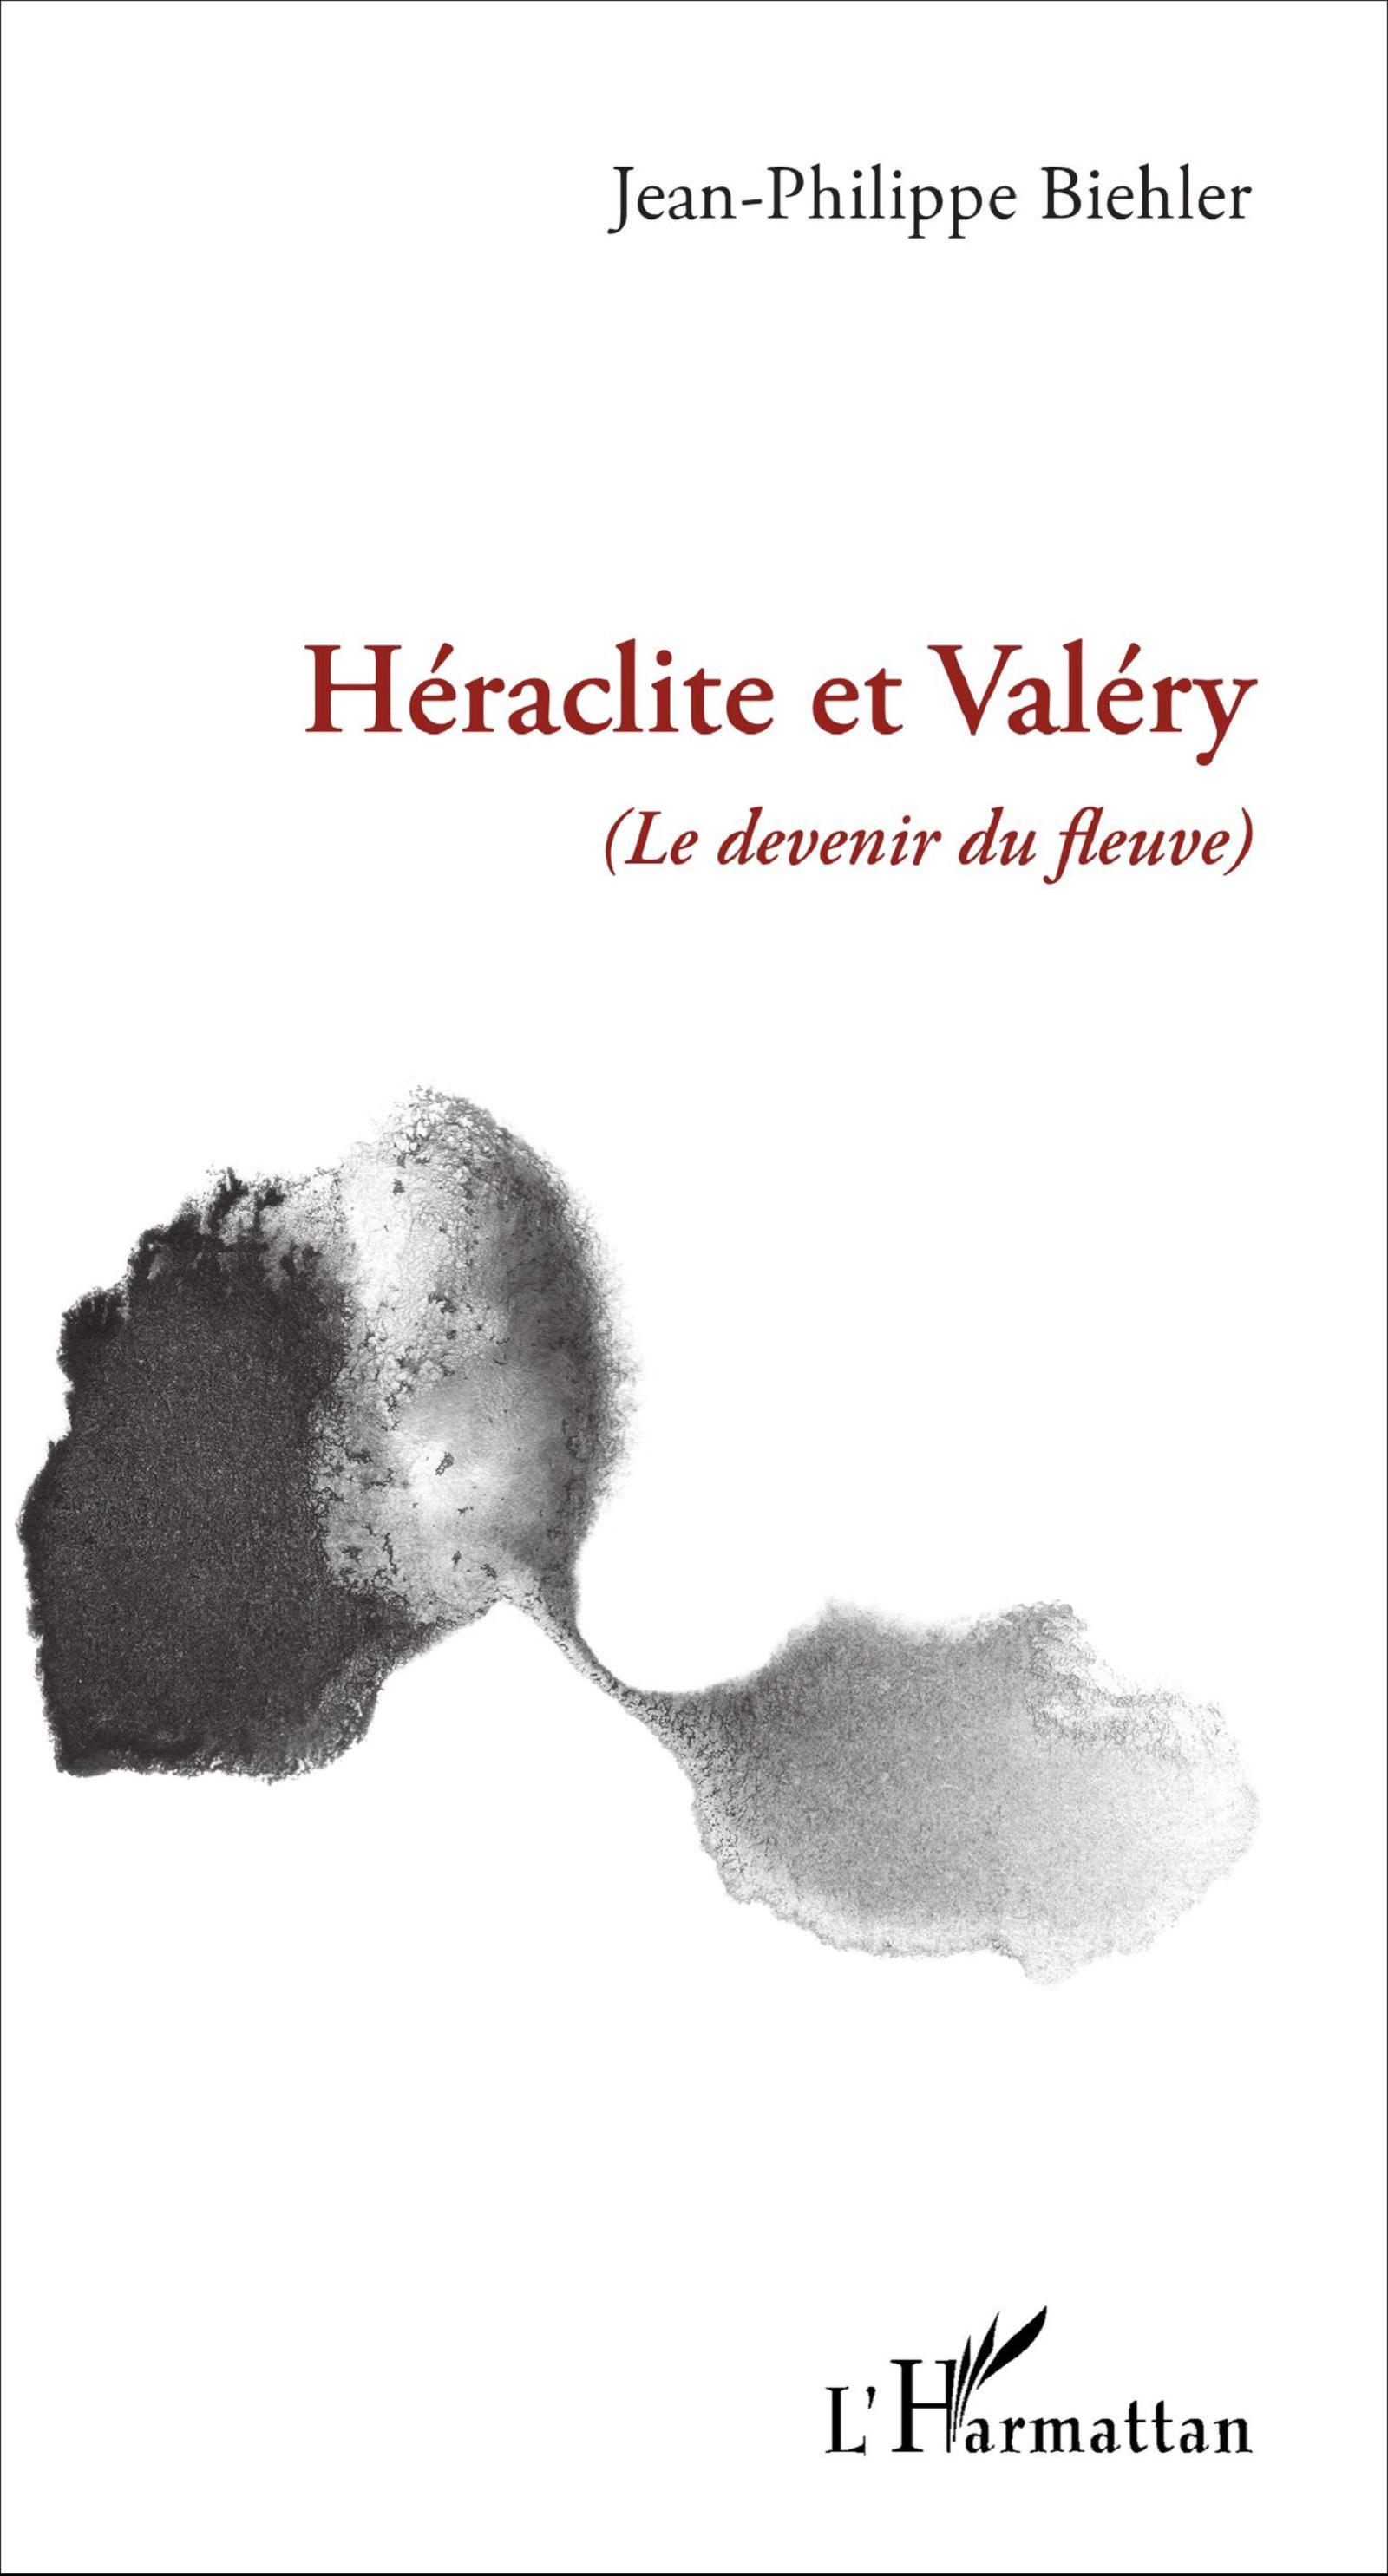 J.-Ph. Biehler, Héraclite et Valéry (Le devenir du fleuve)